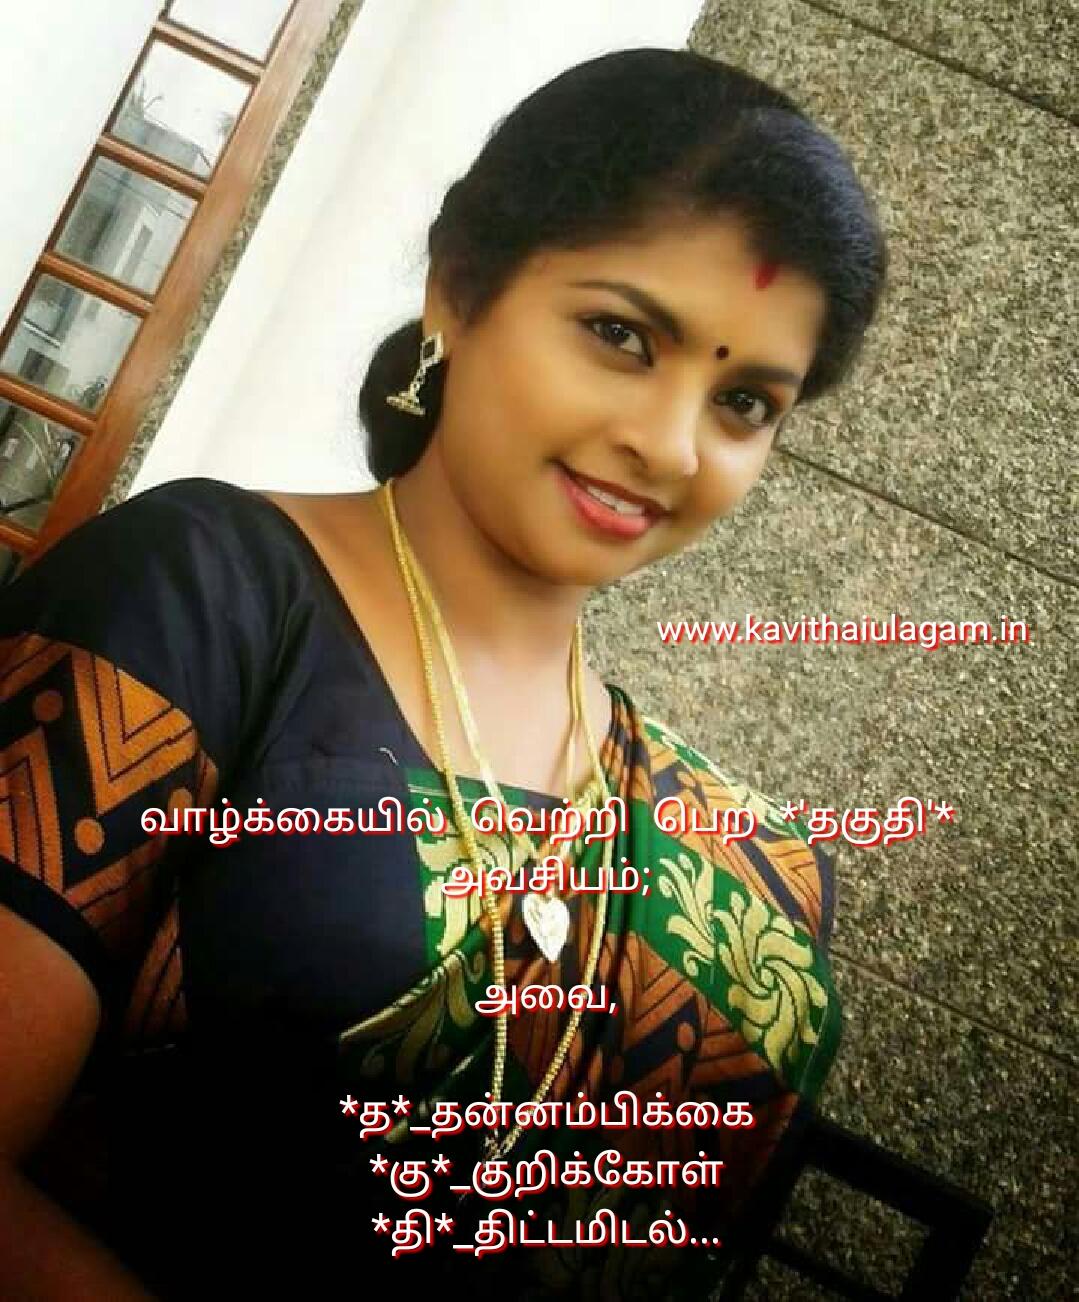 Thaguthi Kavithai